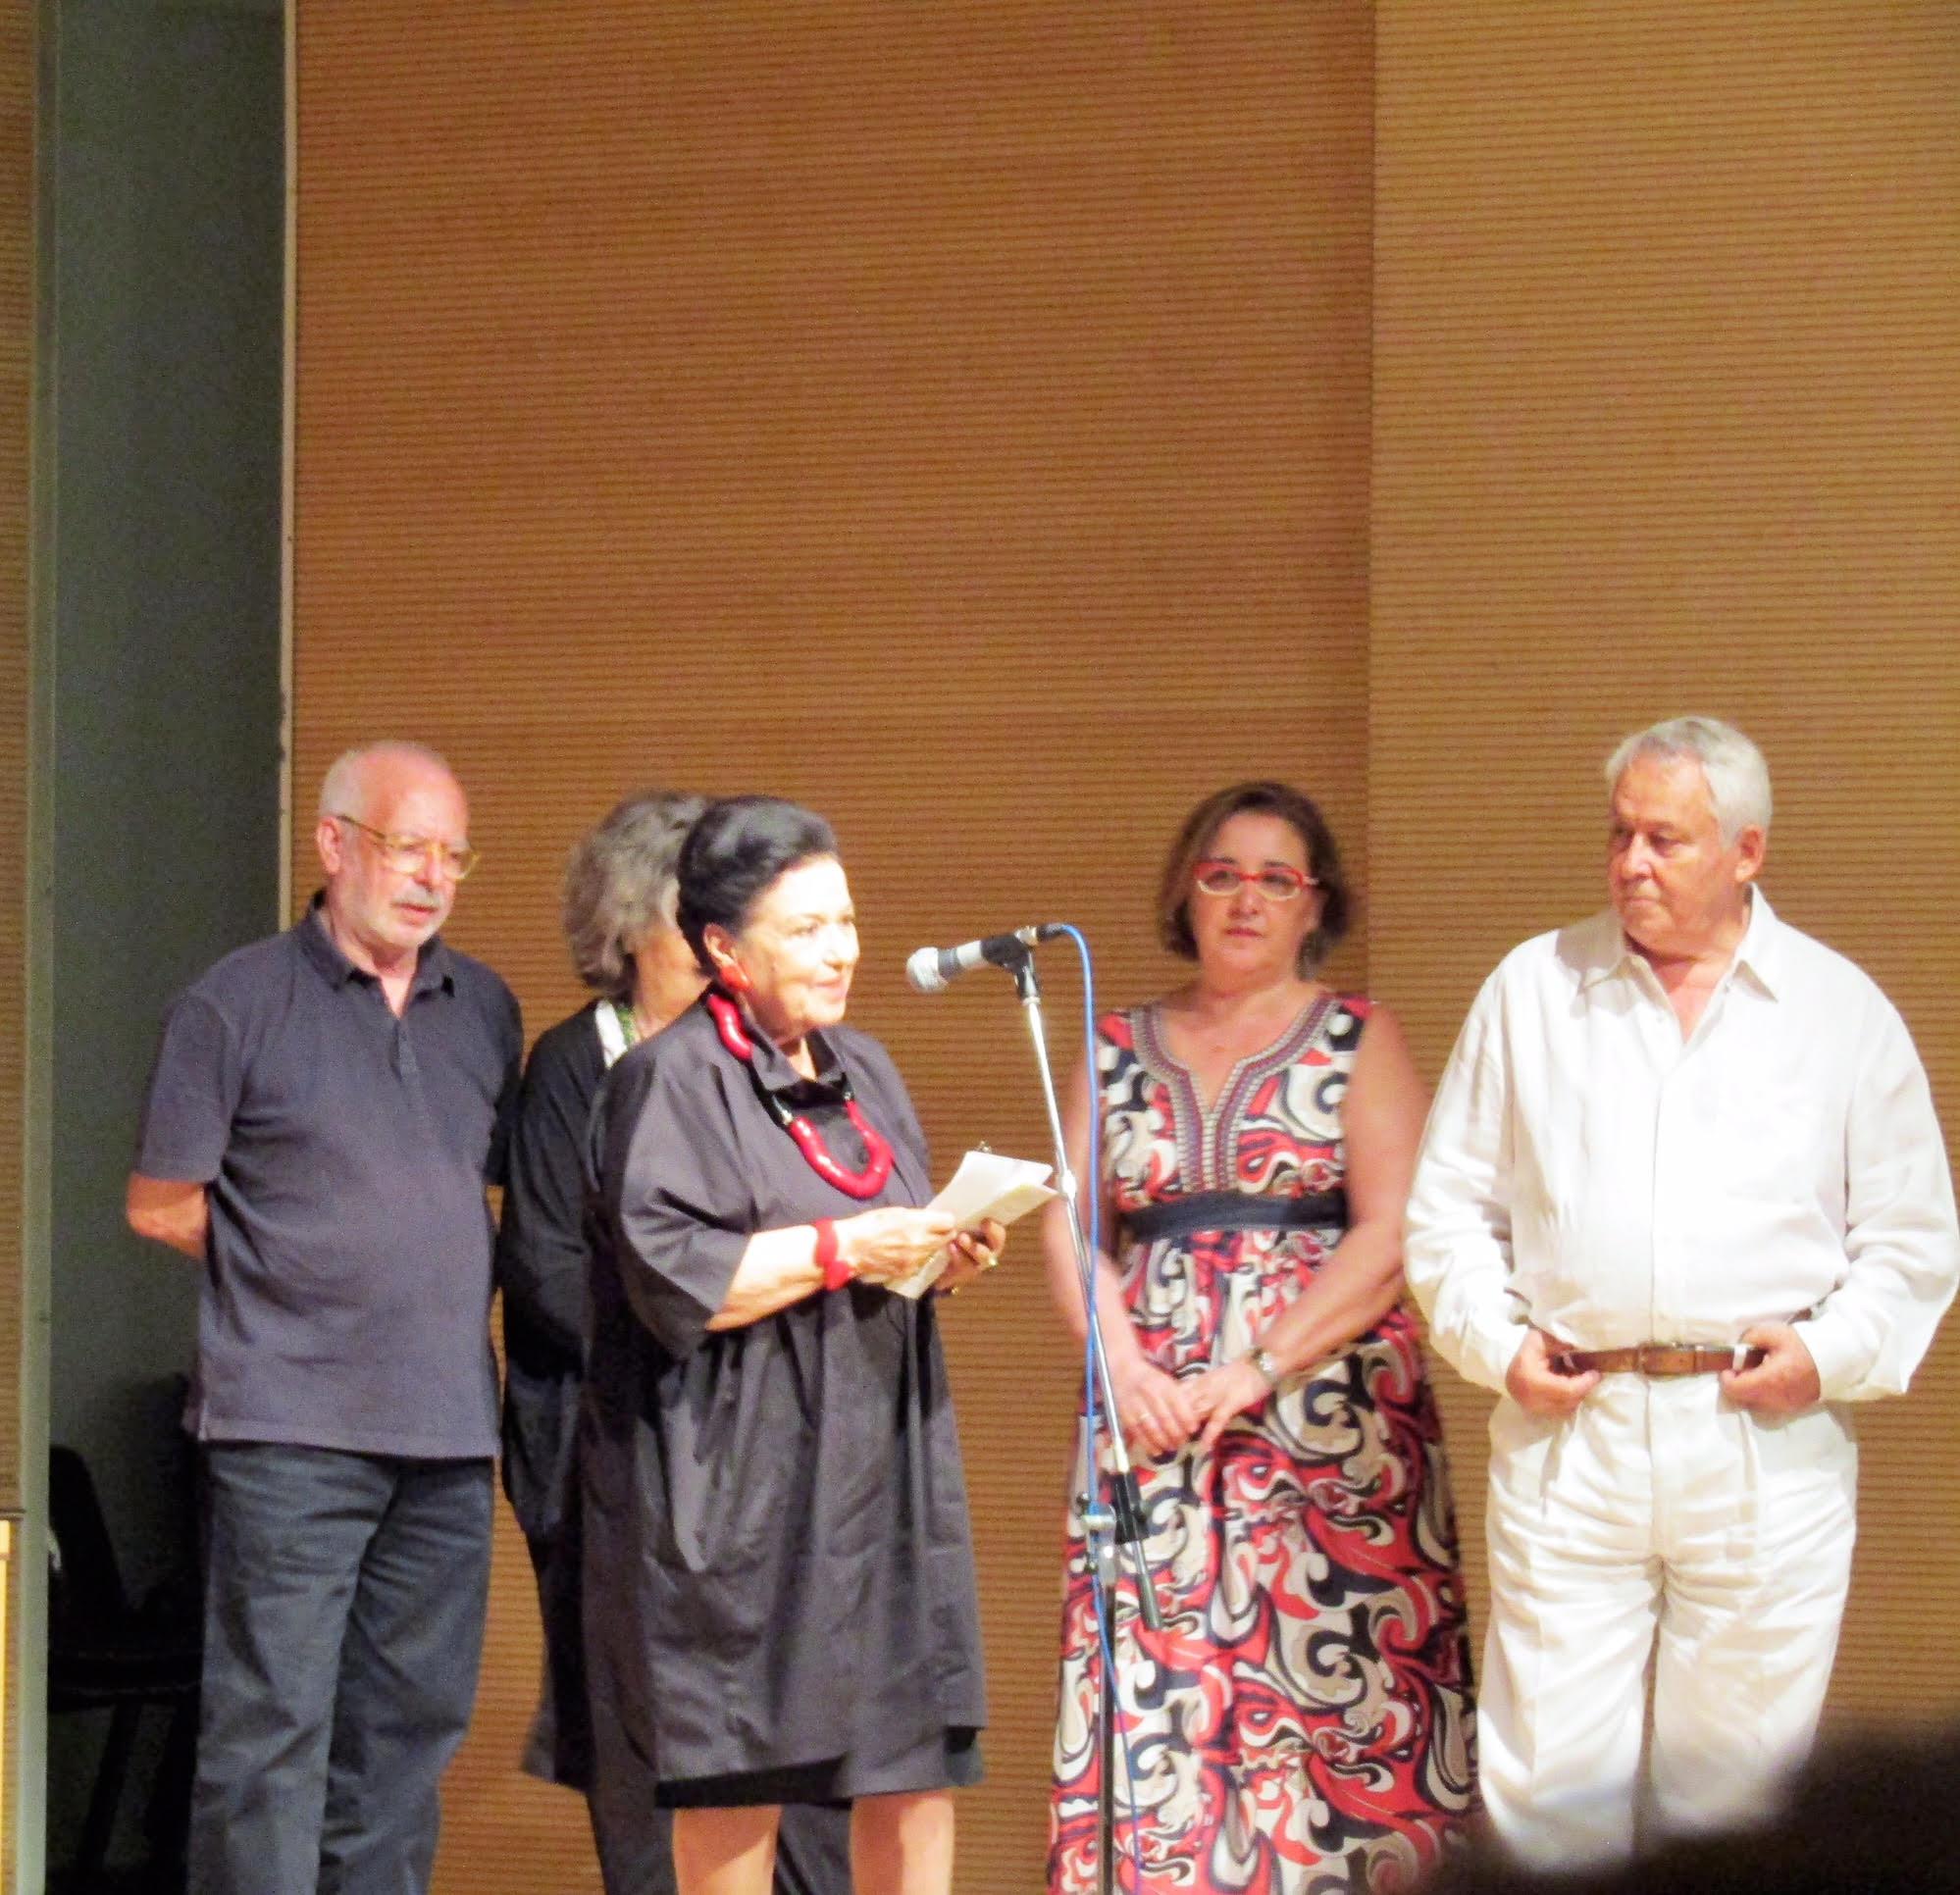 anagnwstis awards 4